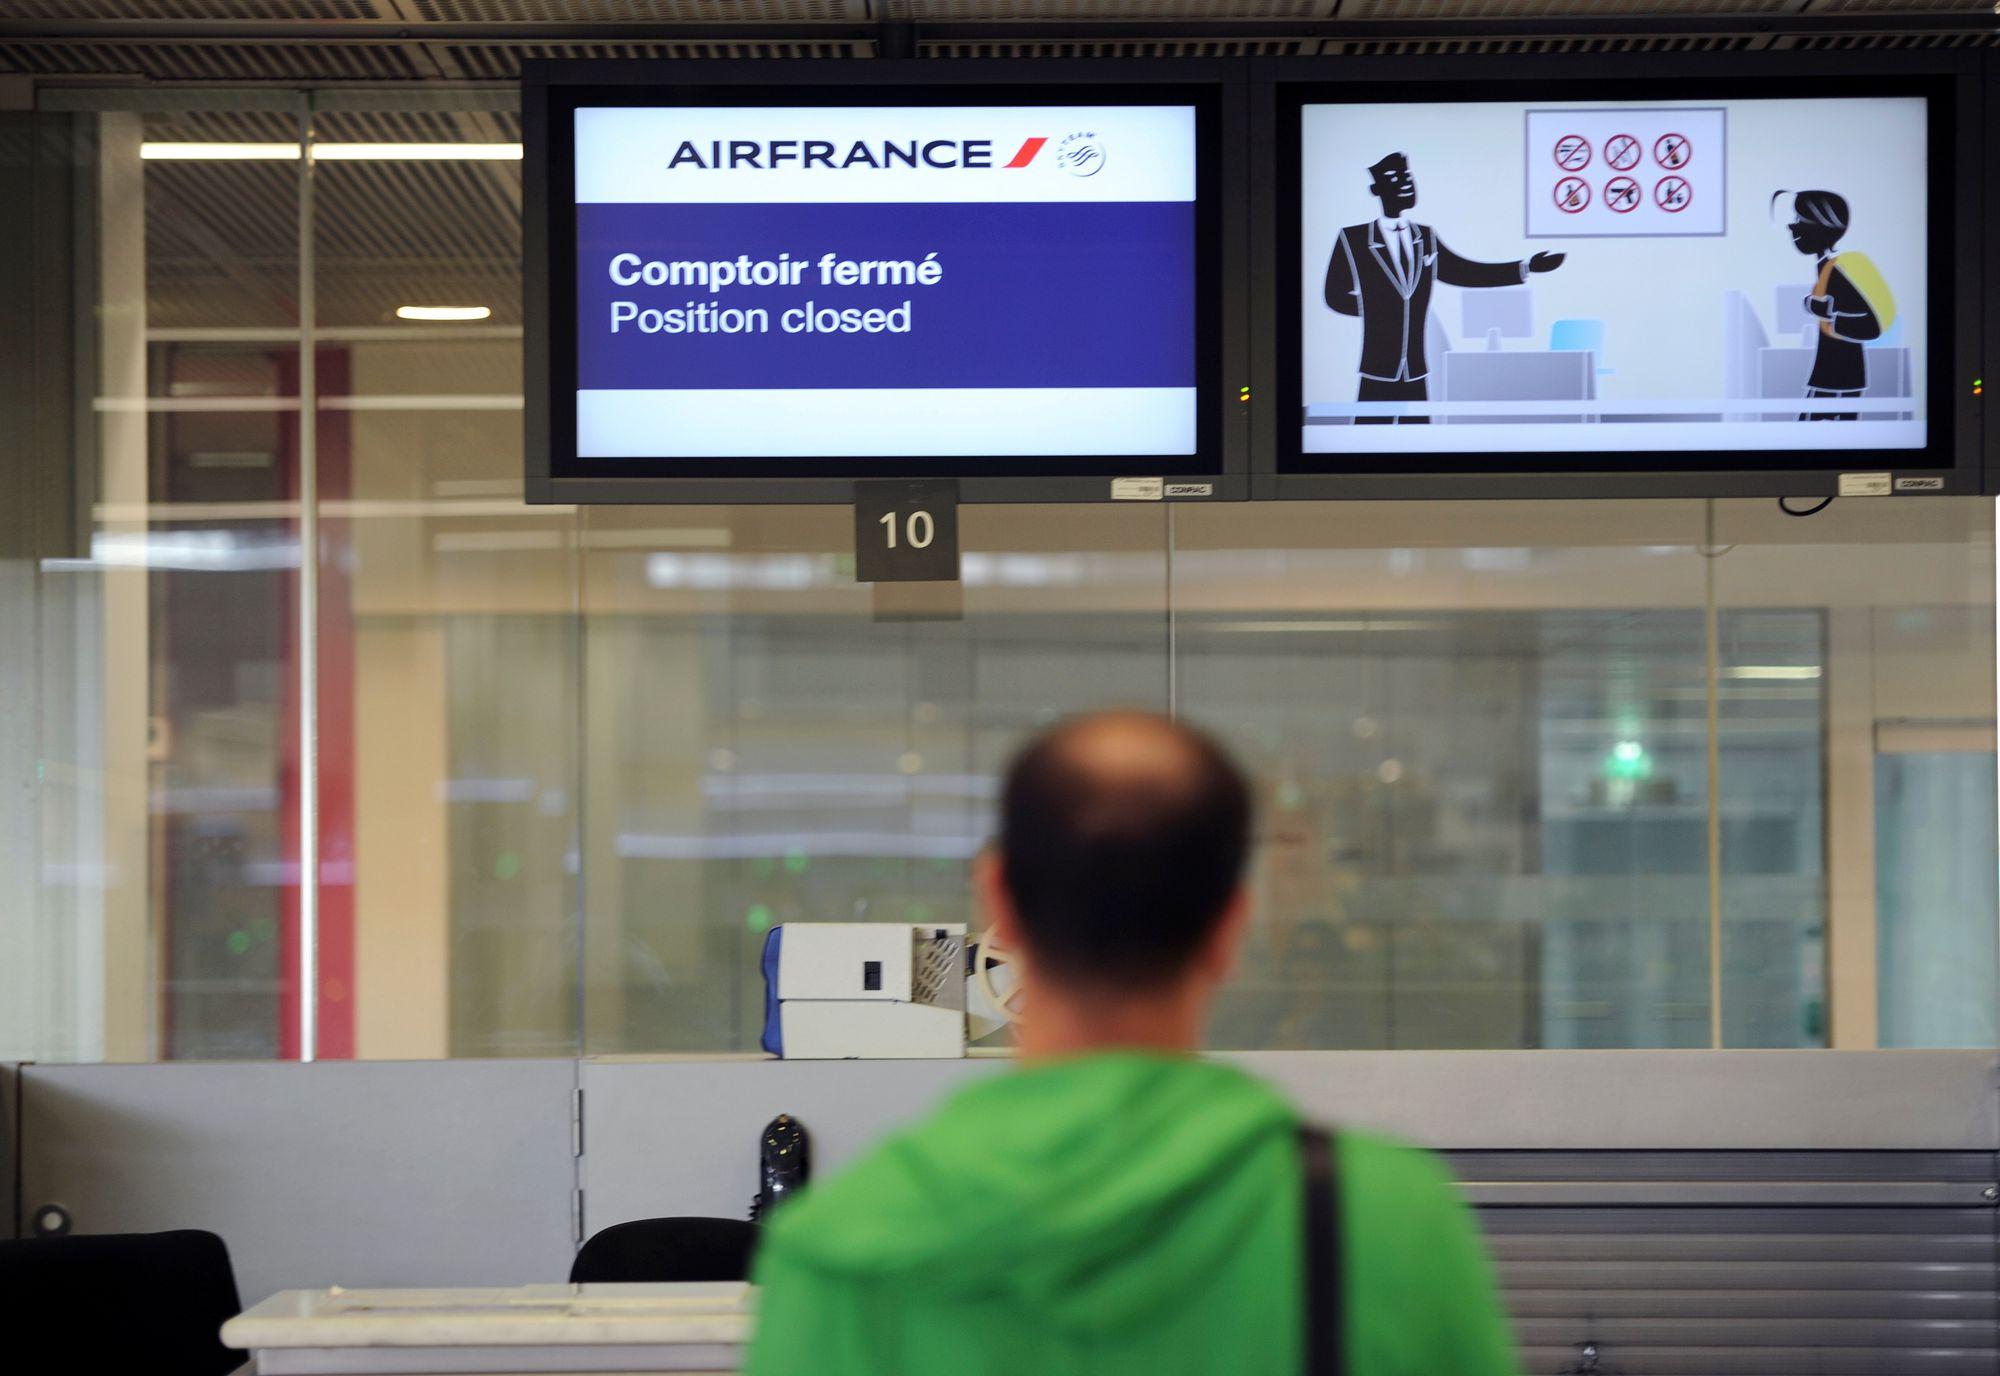 Les pilotes en gr ve refusent les propositions de la direction d 39 air france monde - Comptoir air france orly telephone ...